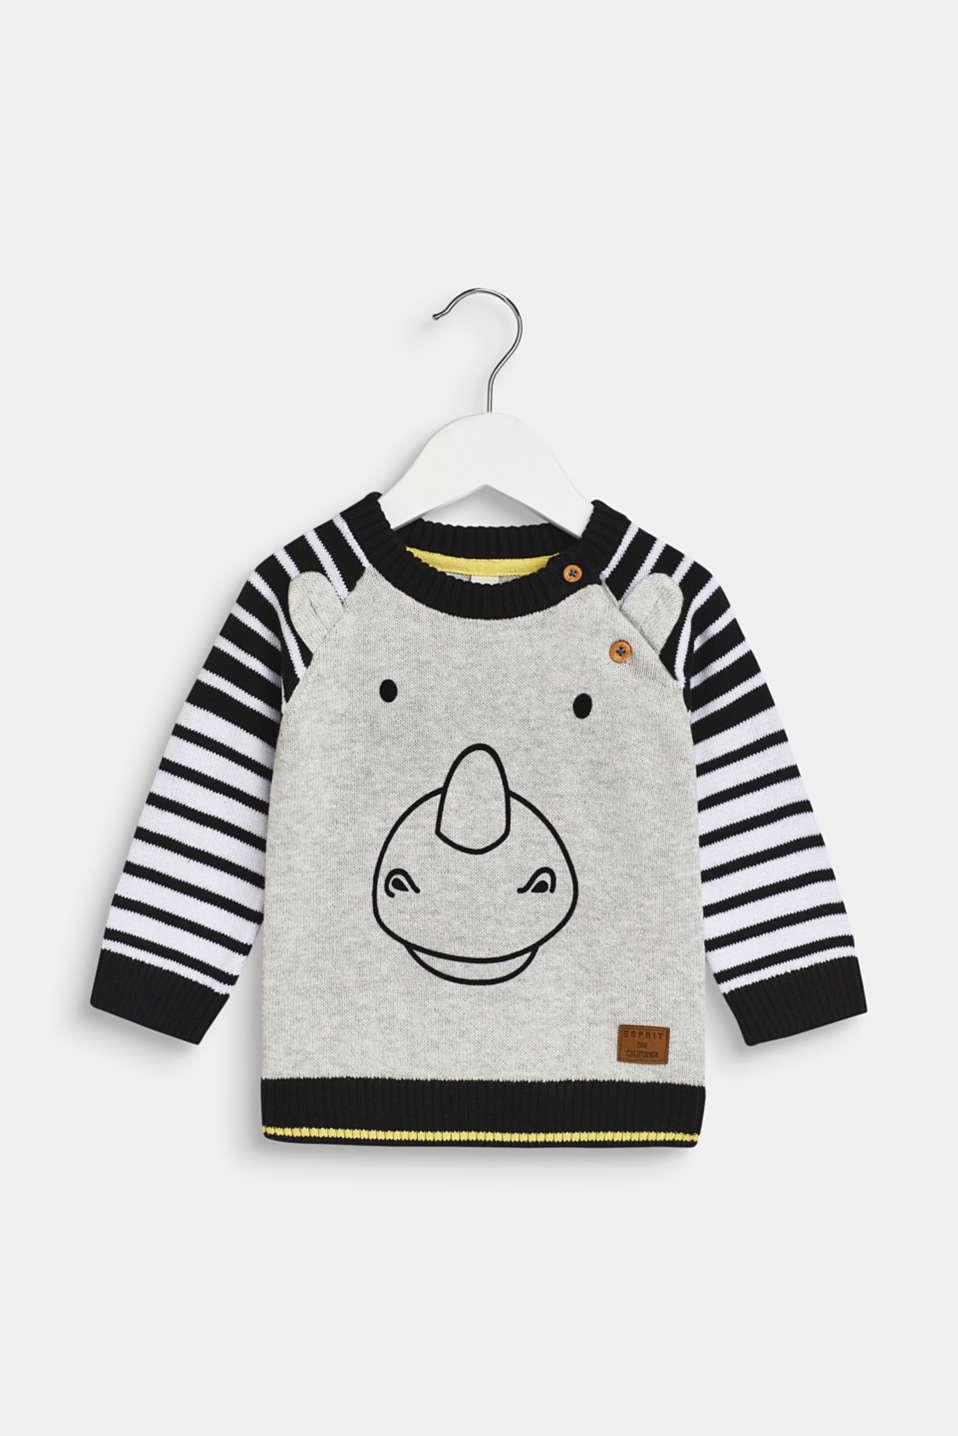 Esprit Pullover mit Nashorngesicht, 100% Baumwolle im